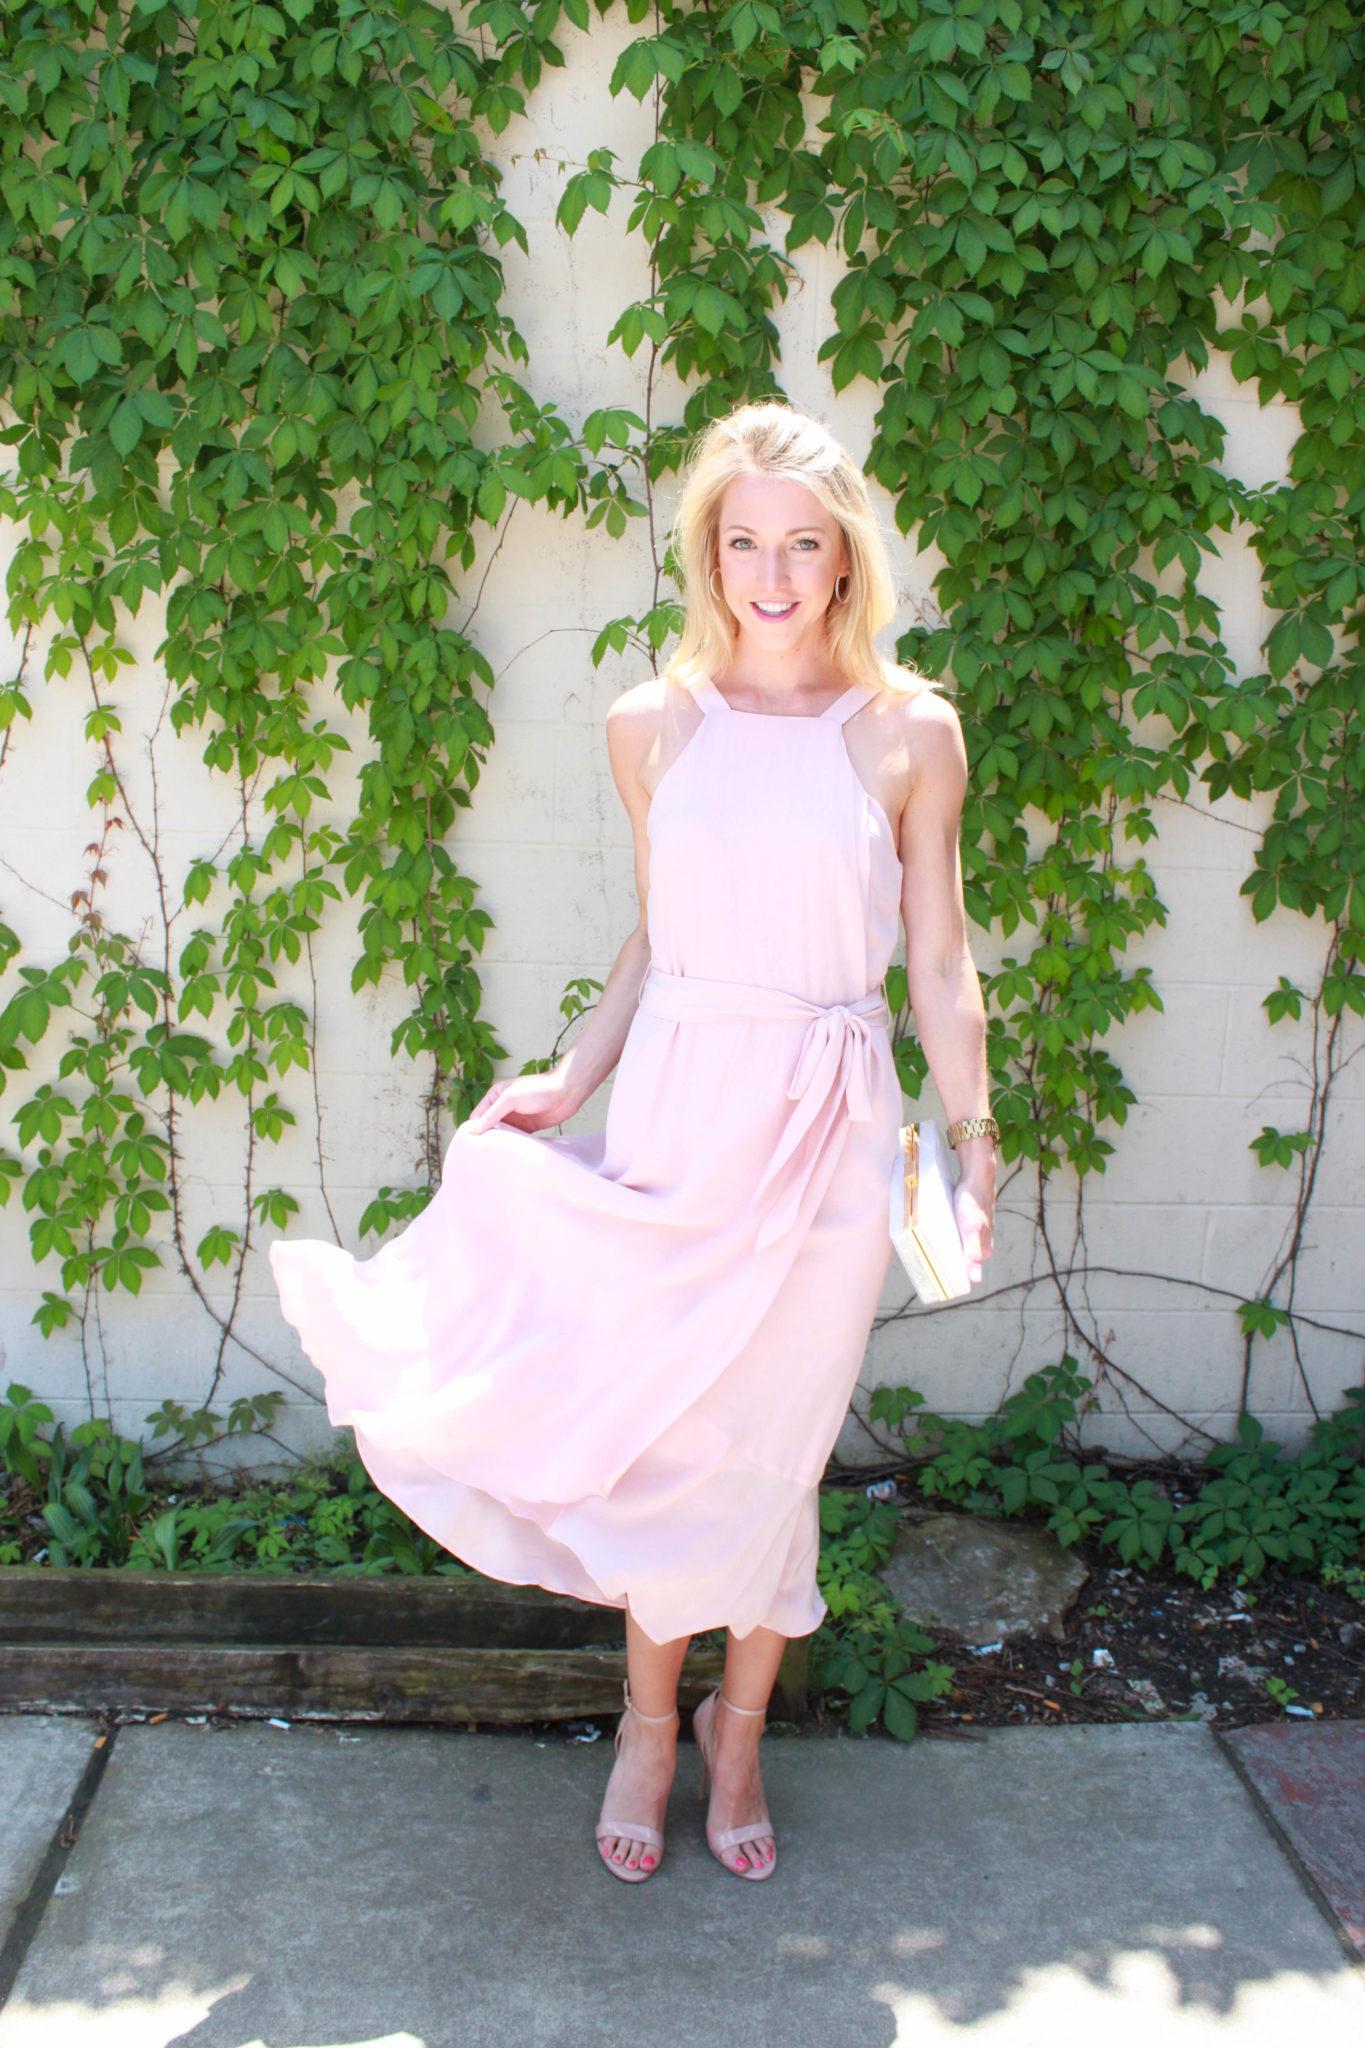 d6161a548f5a Nicole Alexander - Fashion - Lifestyle - Wardrobe Stylist